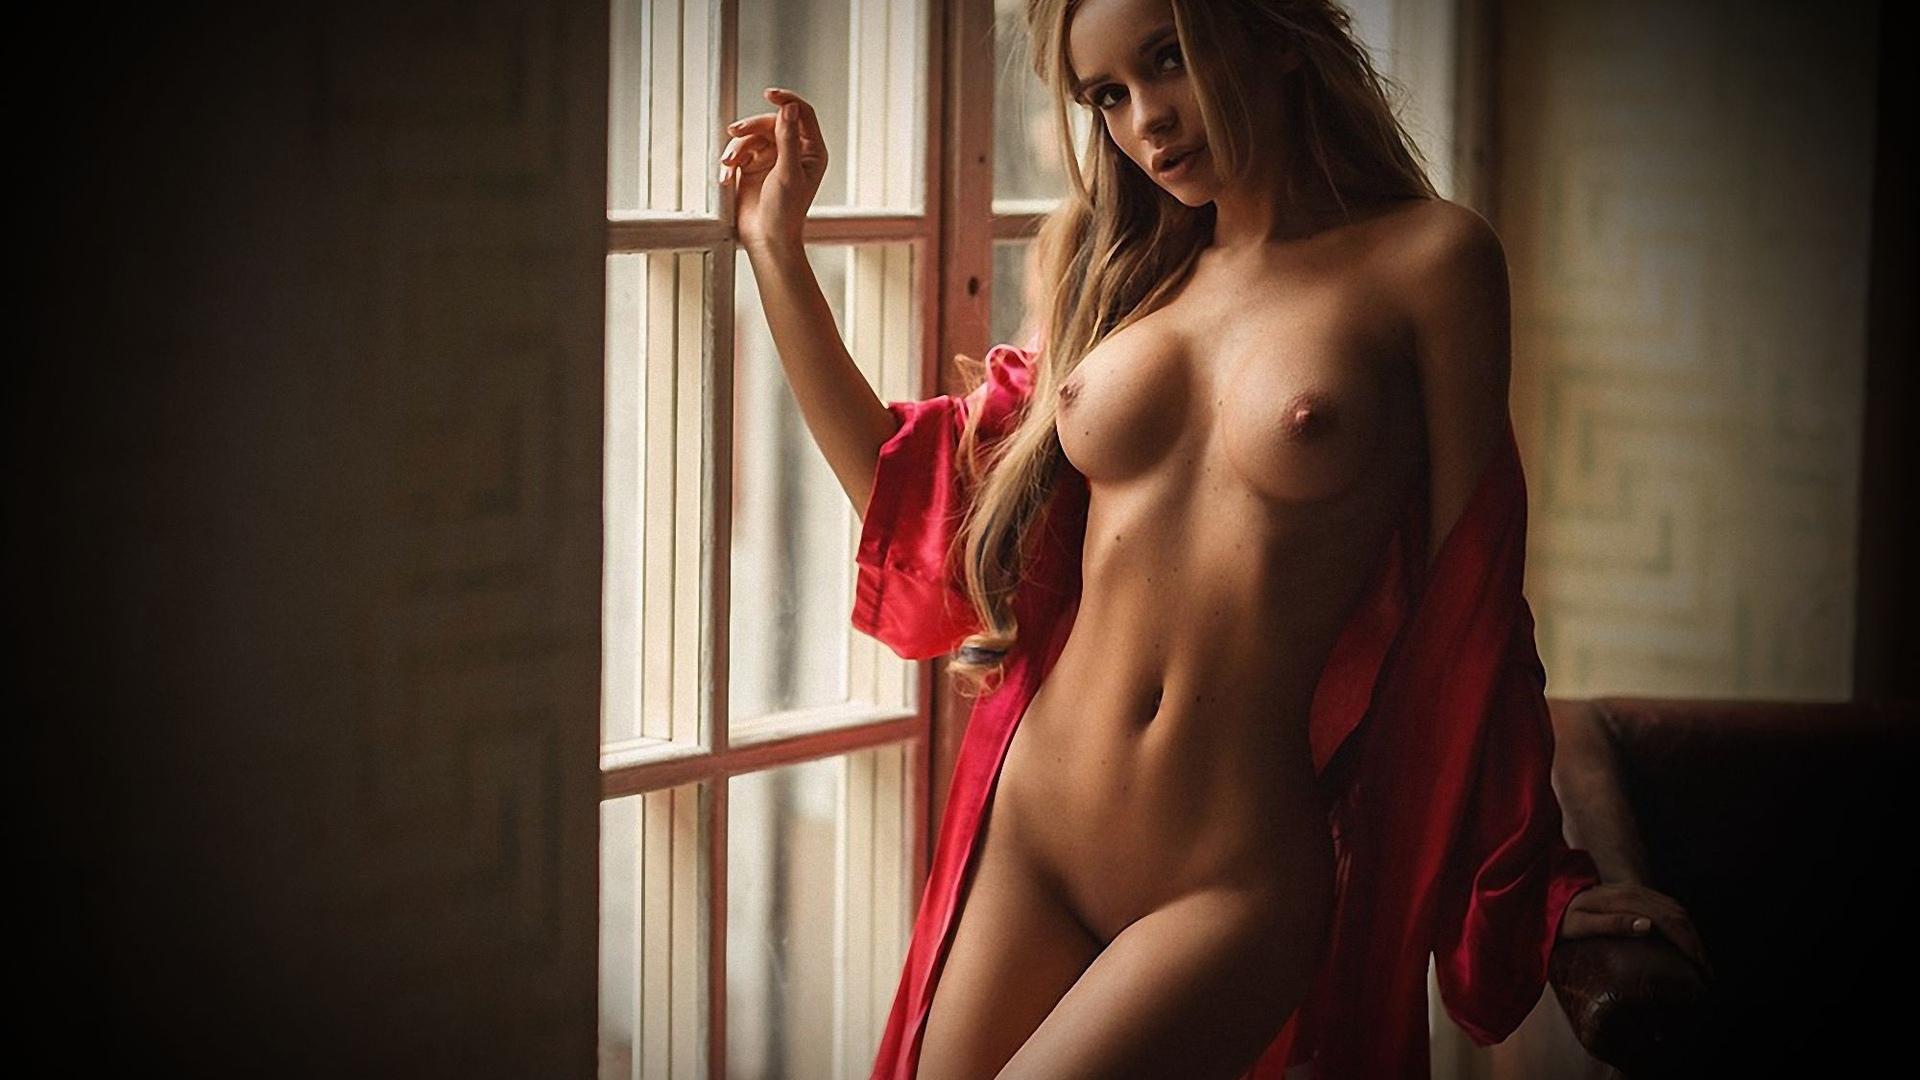 Снять проститутку в районе СВАО